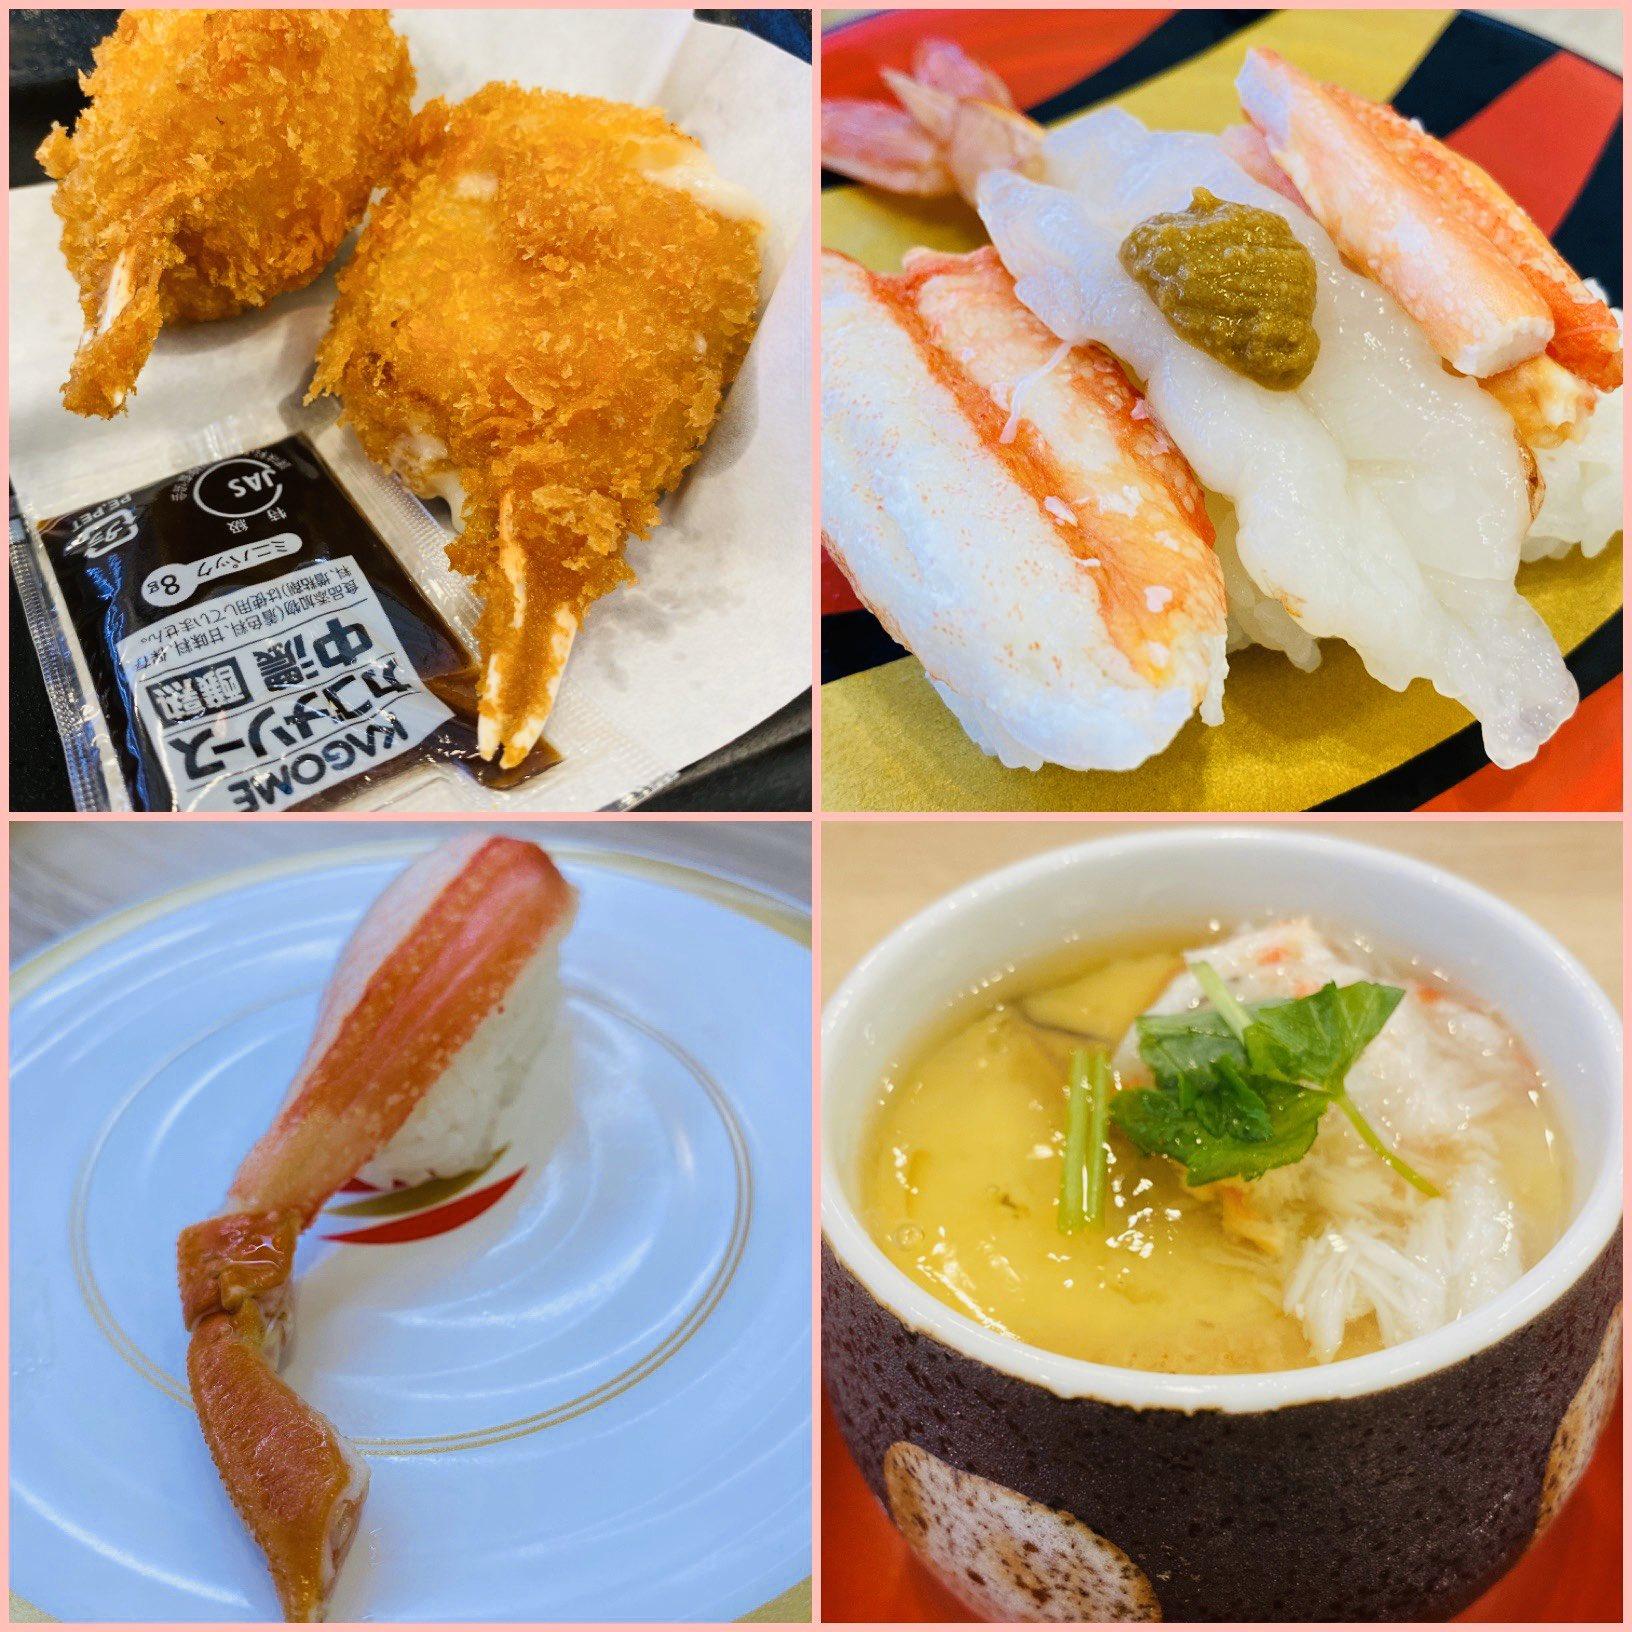 かっぱ寿司で蟹🦀 https://t.co/696xoaXgM6